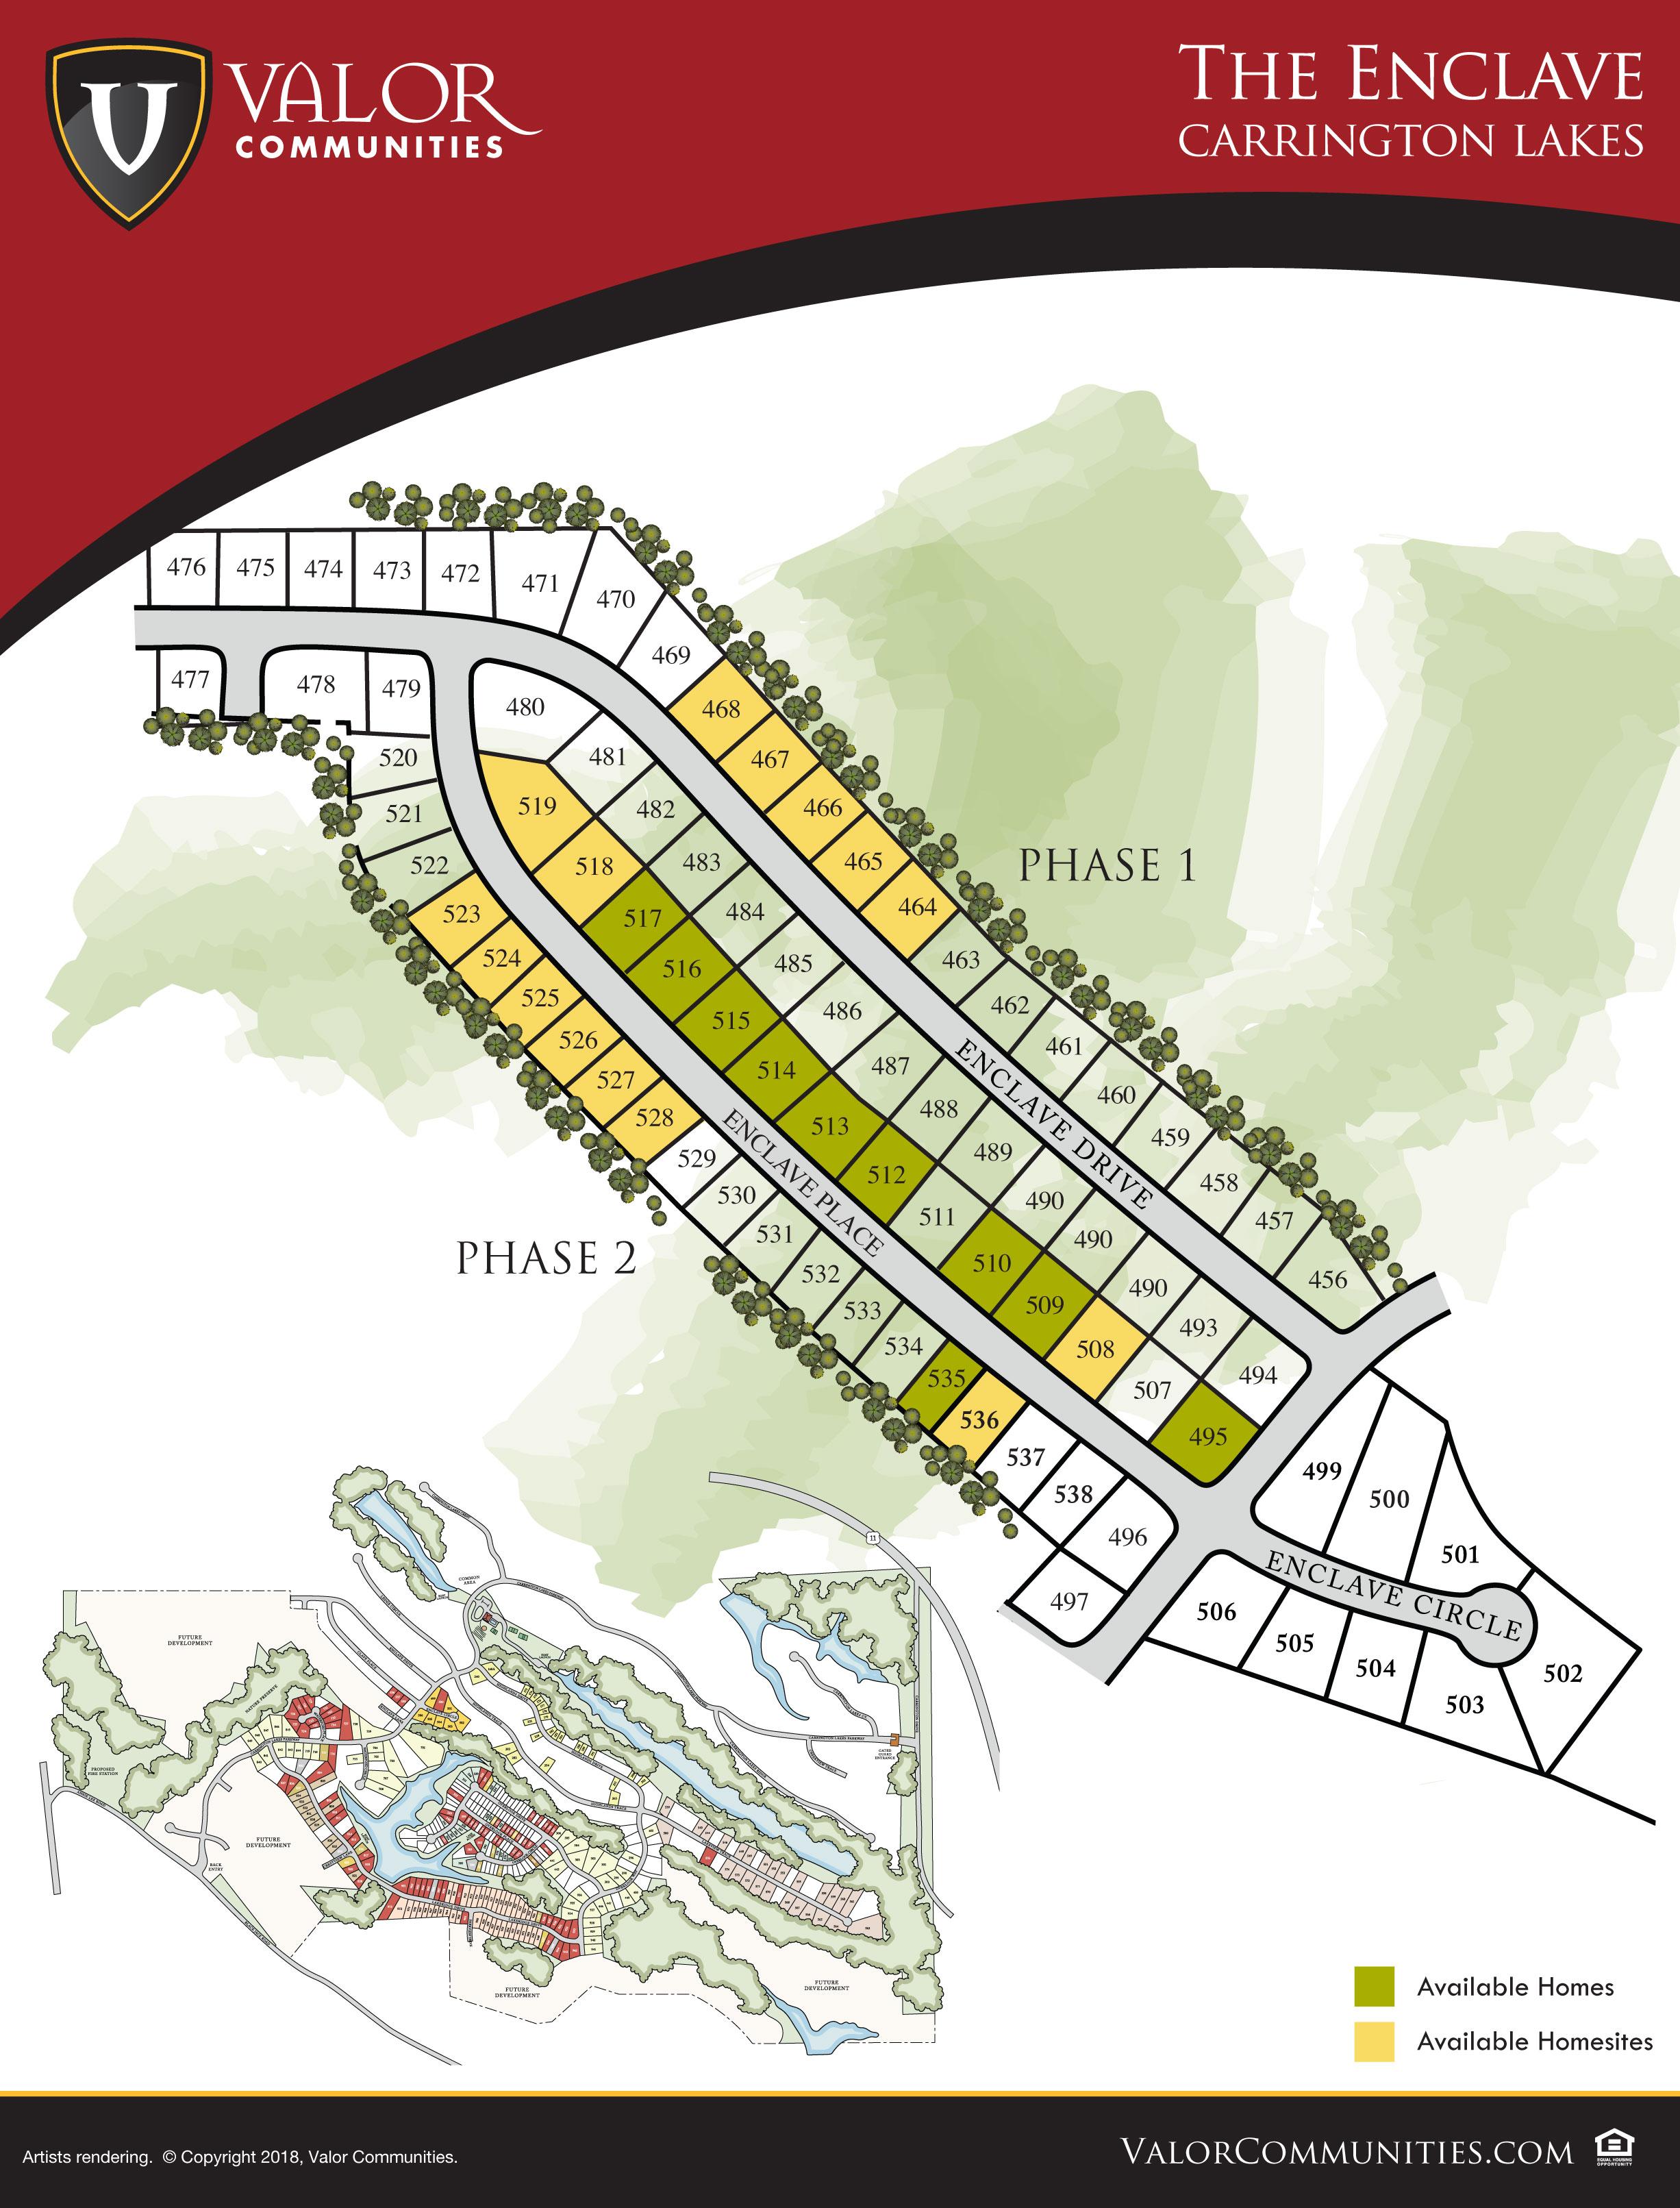 Carrington Lakes Enclave Map